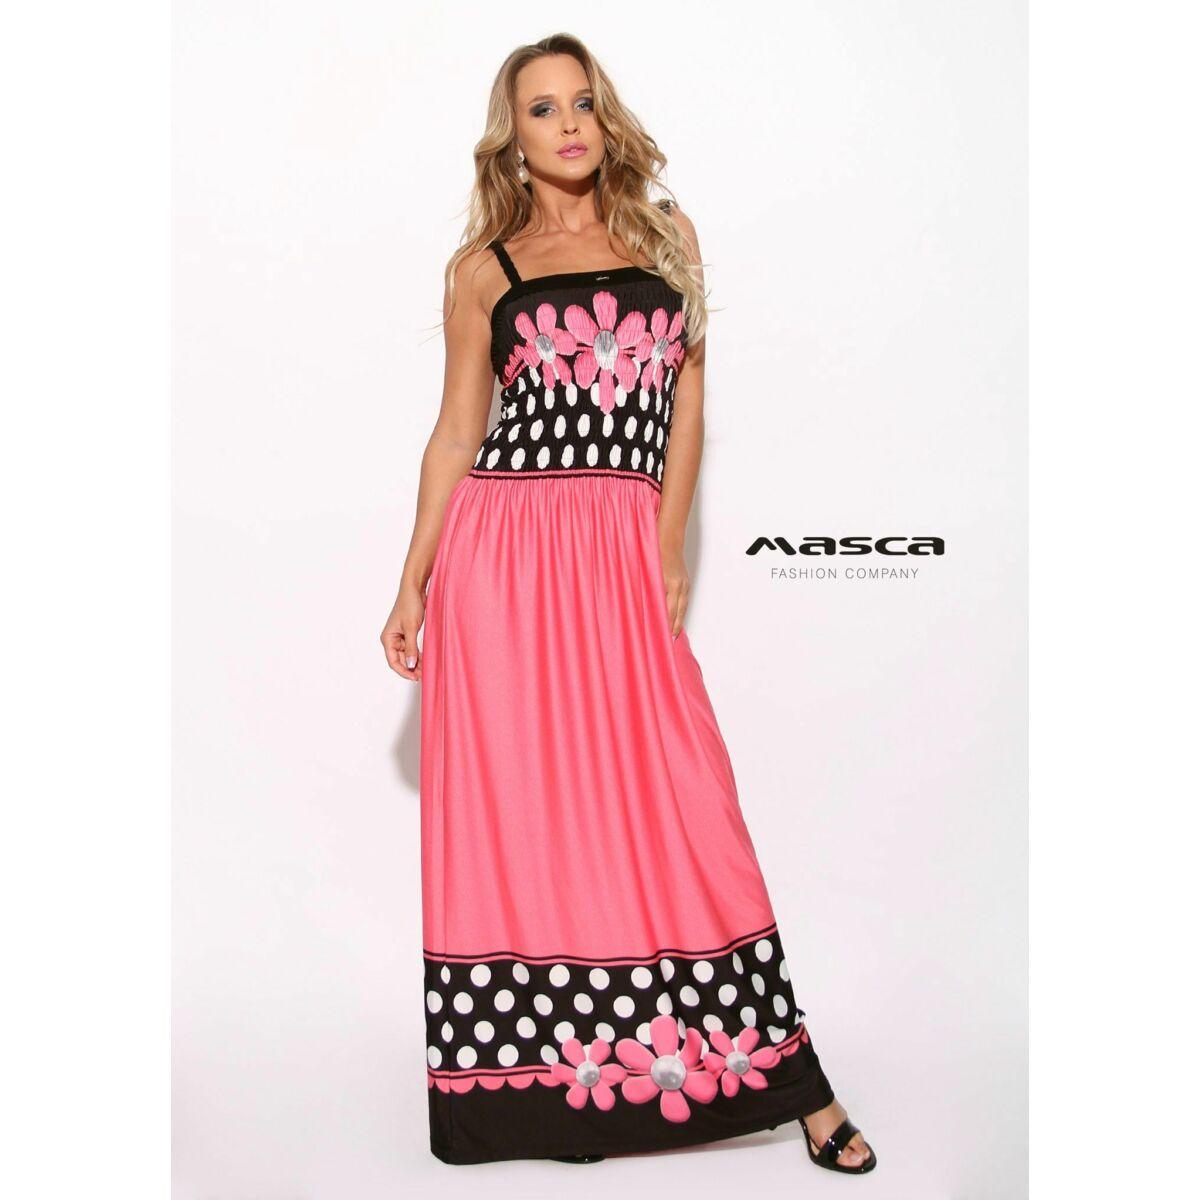 653658c915 Masca Fashion fonott pántos, gumírozott mellrészű pink-fekete maxi ruha